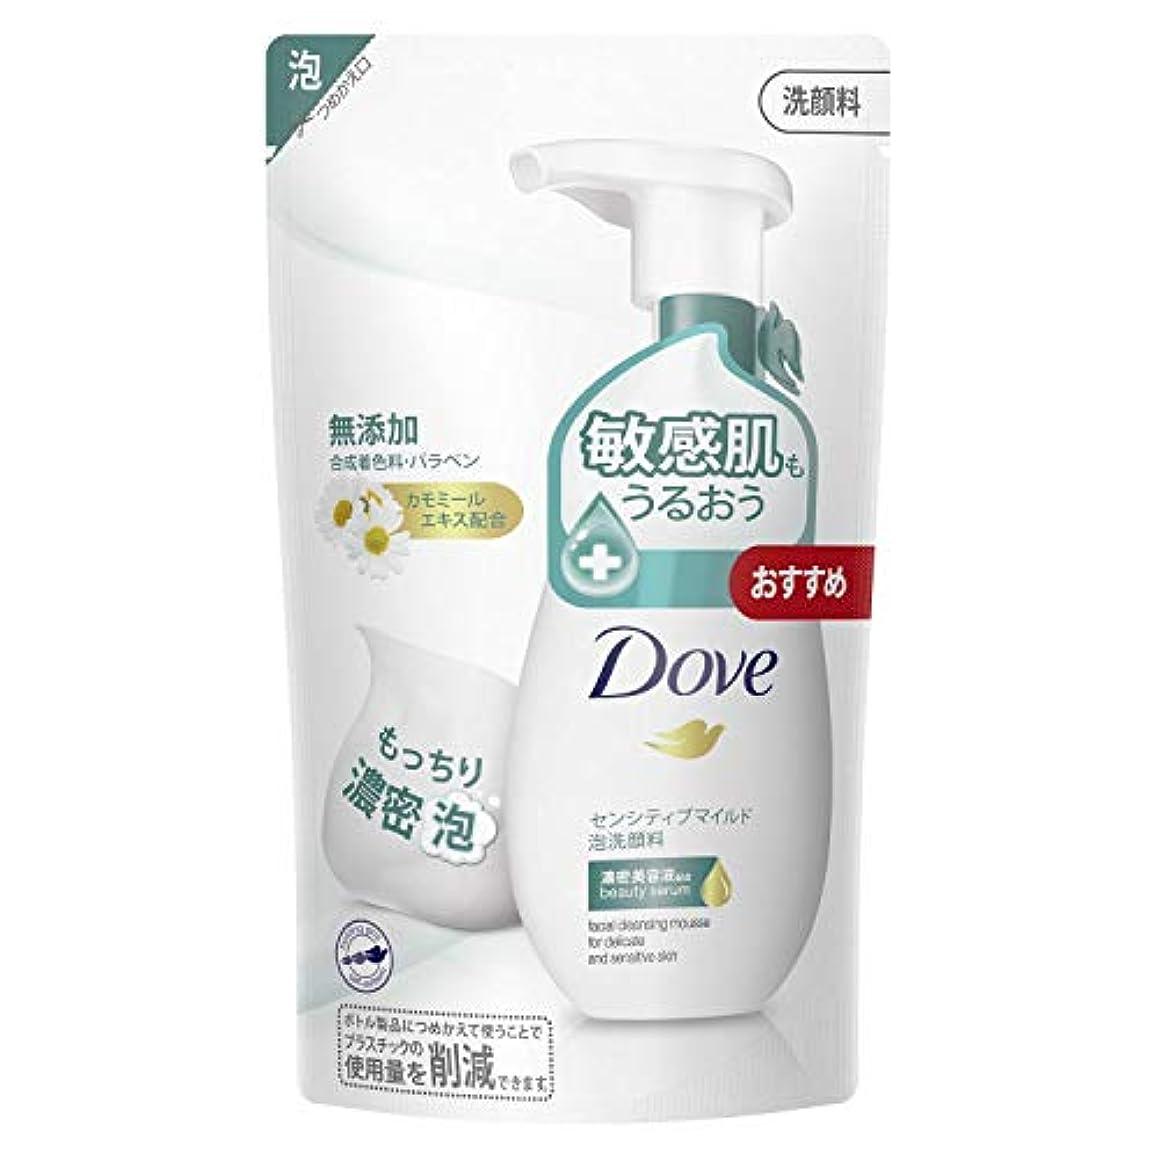 時折ワイド消費者ダヴ センシティブマイルド クリーミー泡洗顔料 つめかえ用 敏感肌用 140mL